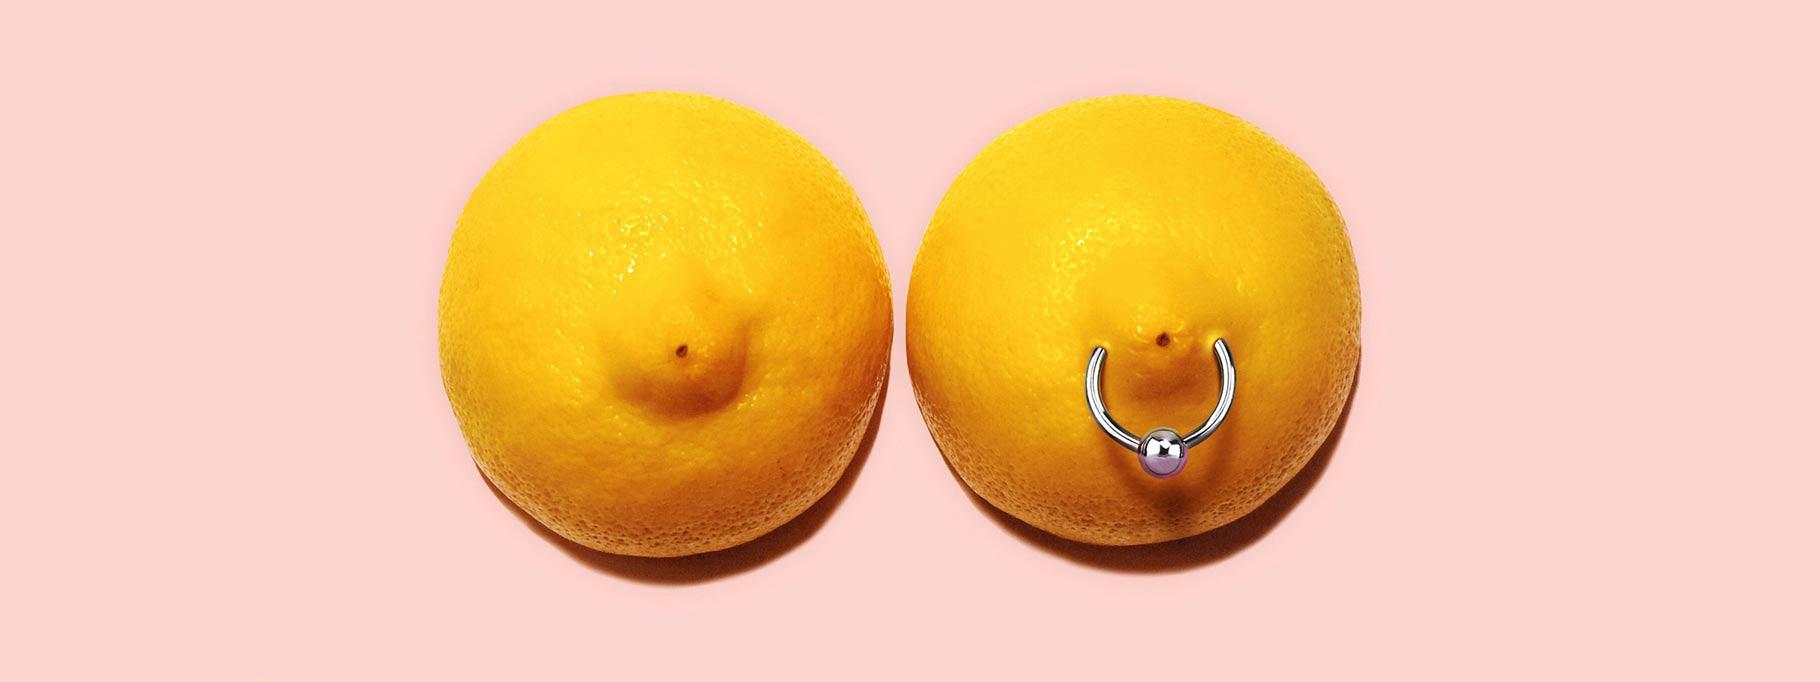 Tony Futura - Lemons